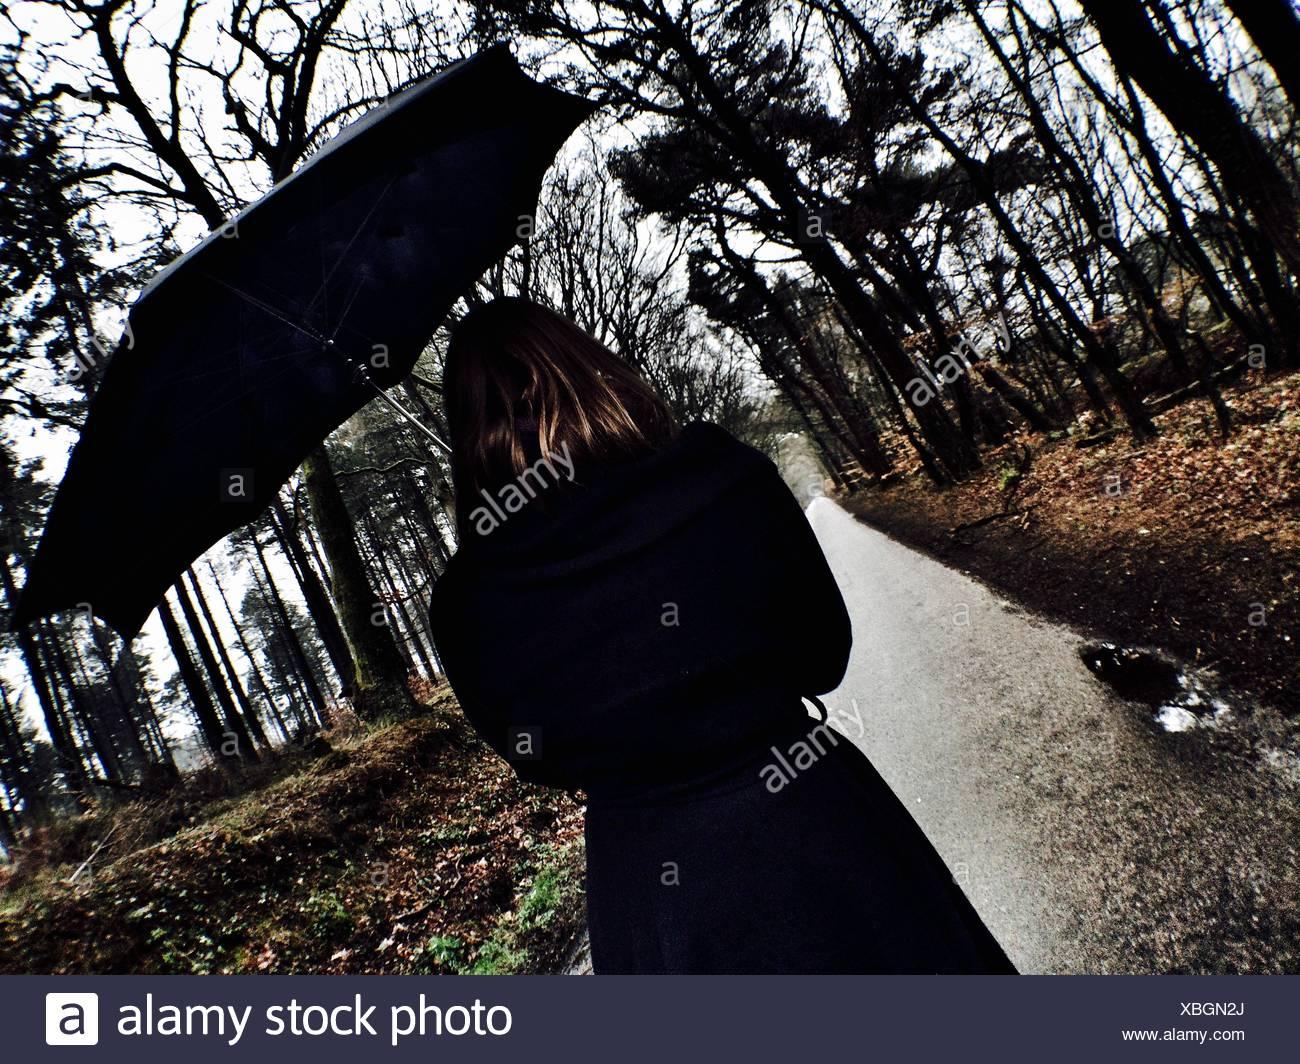 Rückansicht des Frau mit Regenschirm zu Fuß auf Weg inmitten von Bäumen Stockbild